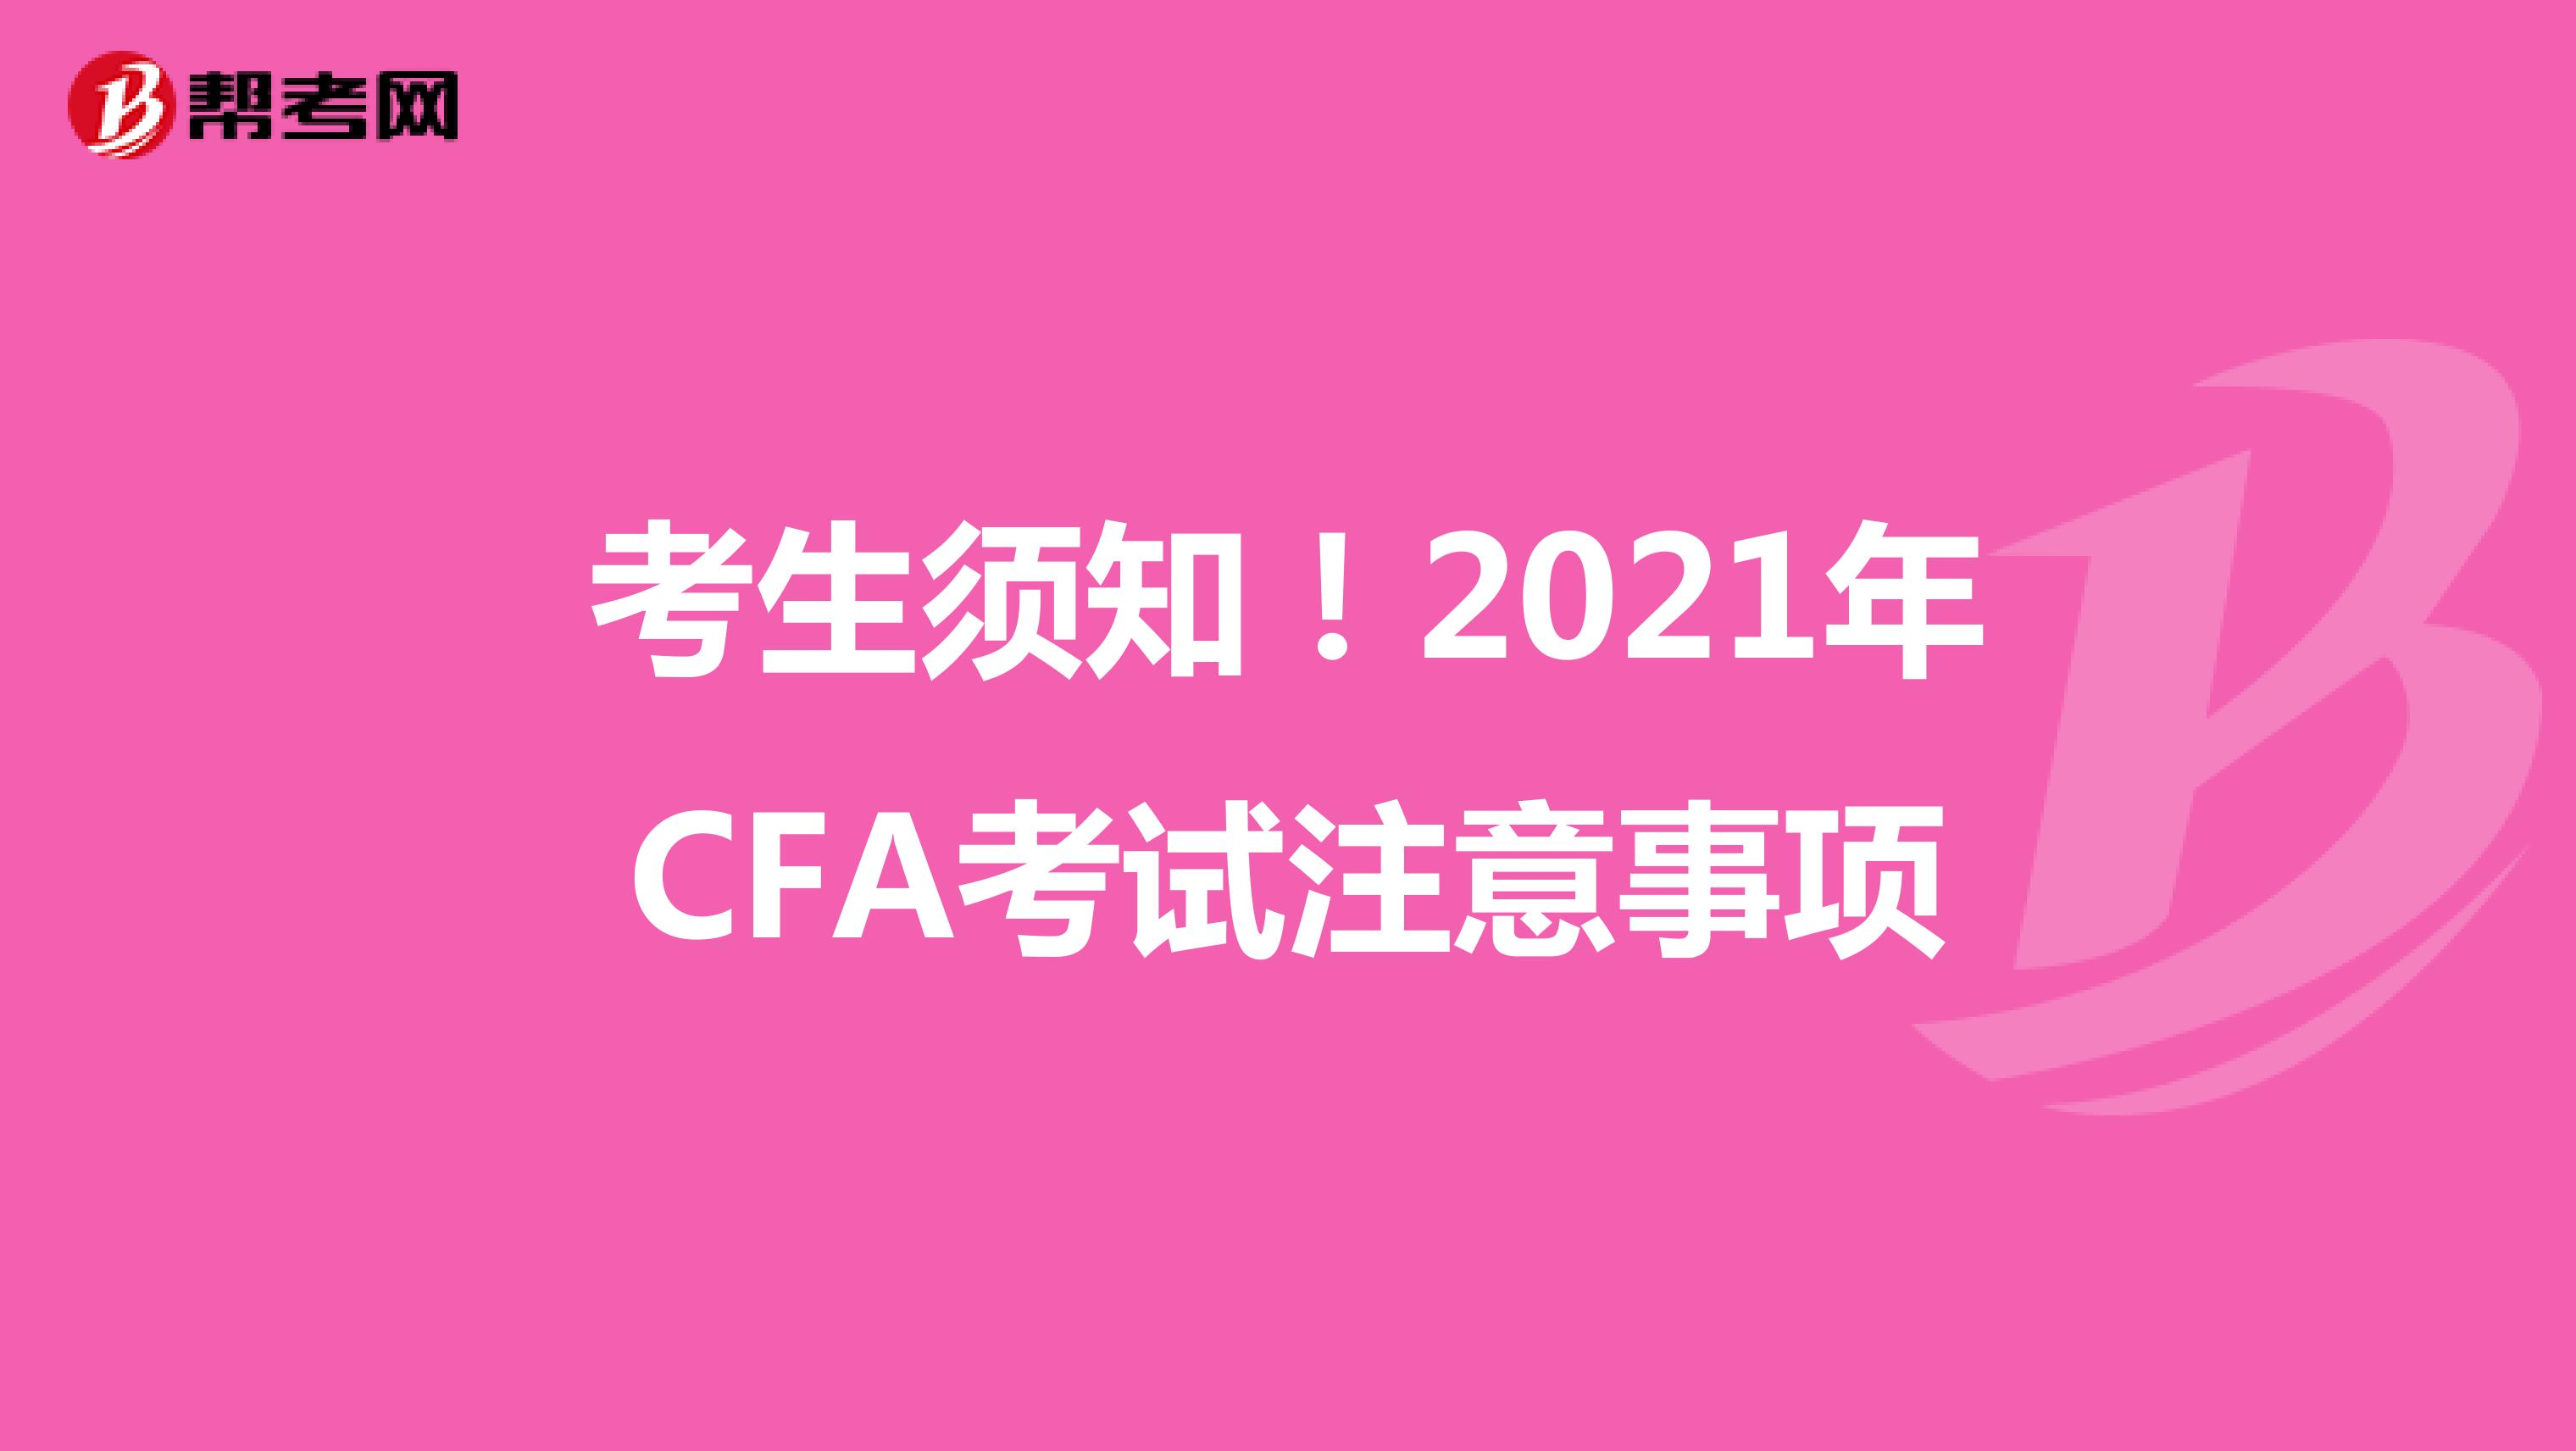 考生须知!2021年CFA考试注意事项